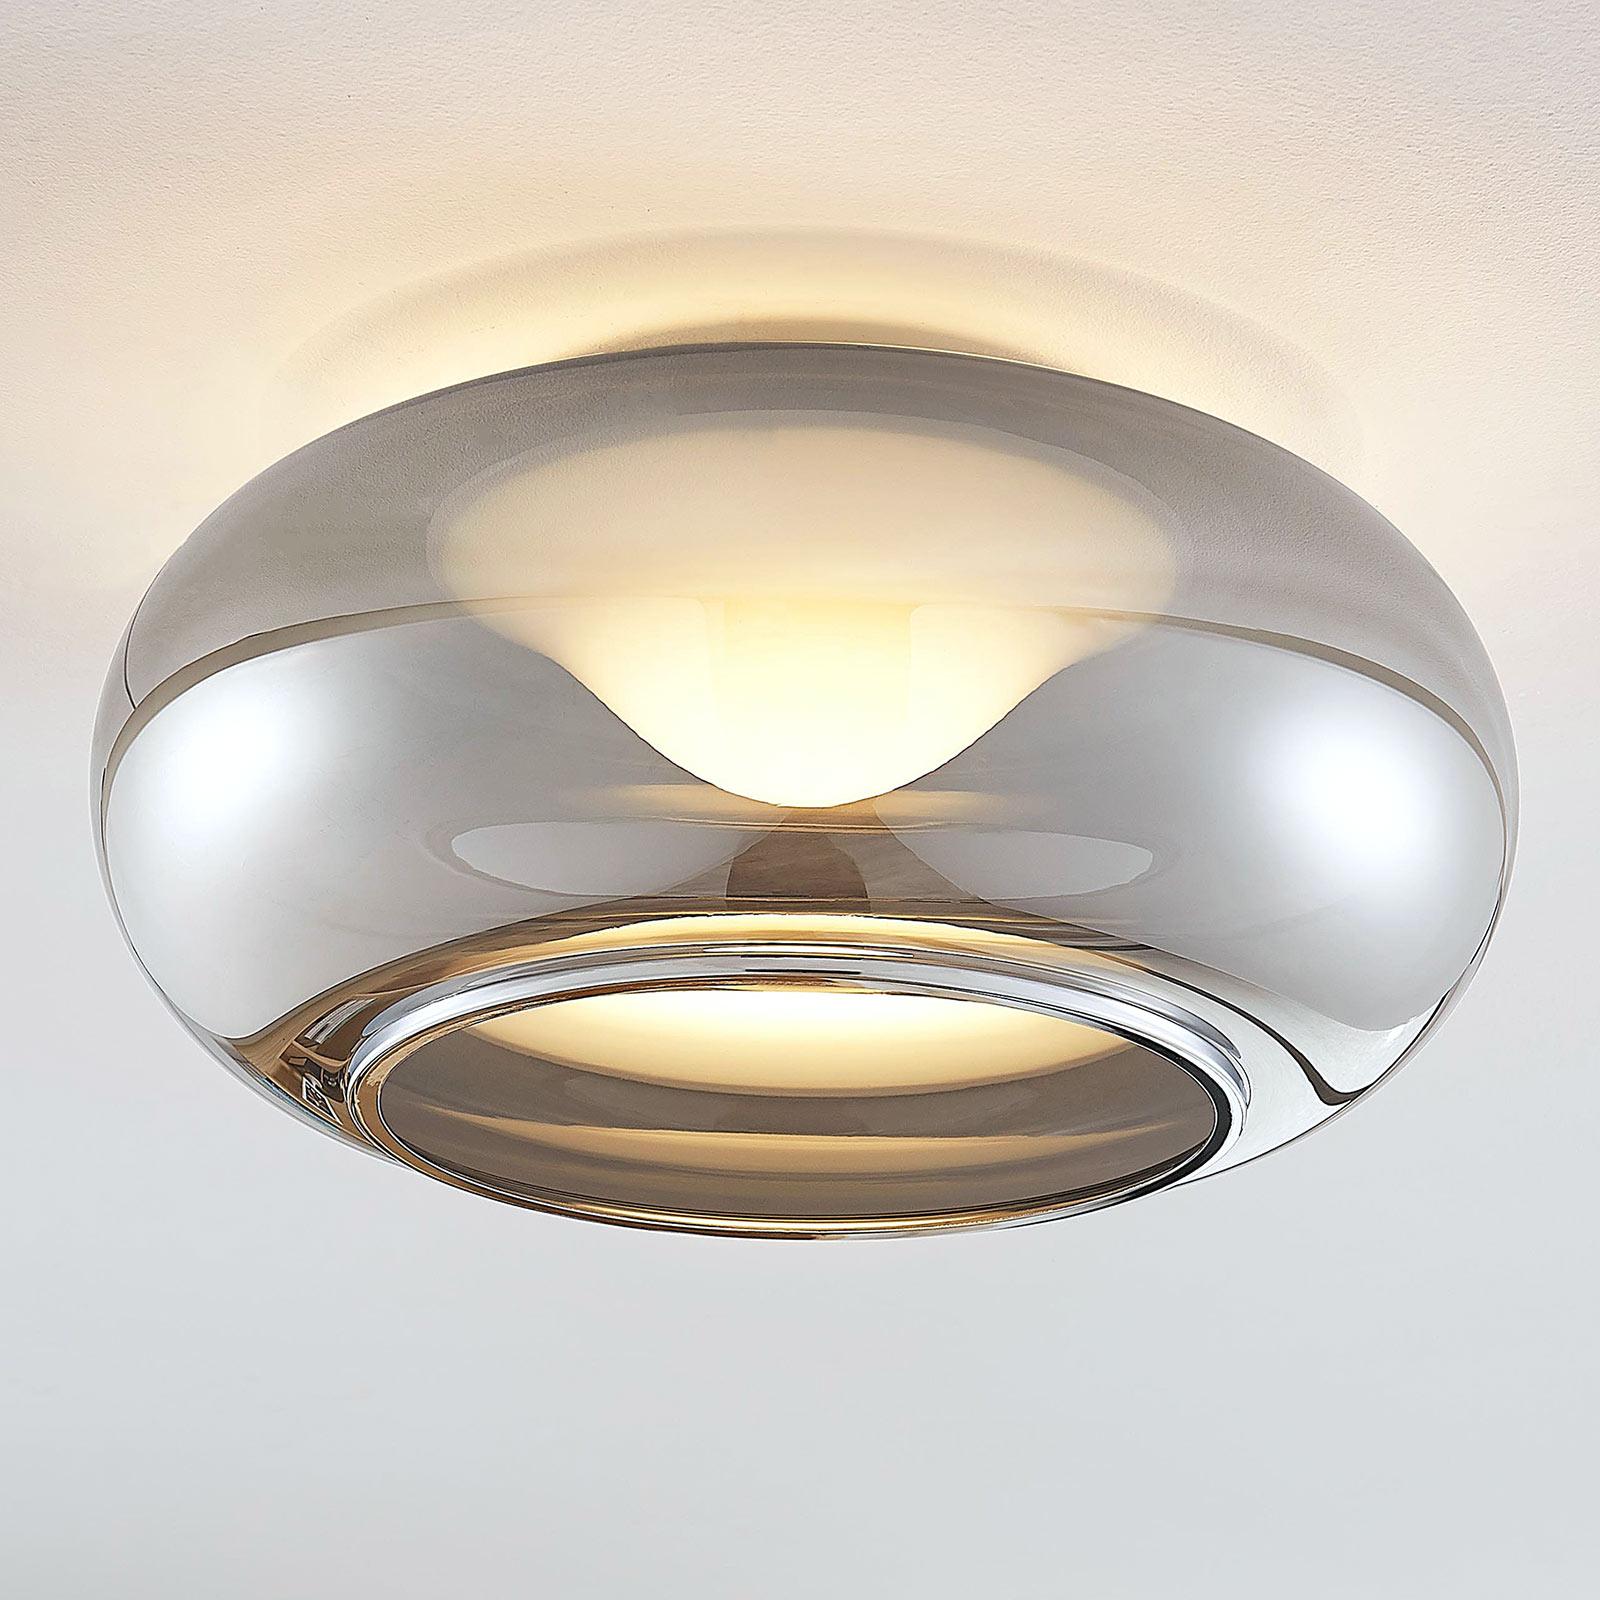 Glass-LED-taklampe Mijo i røykgrå farge